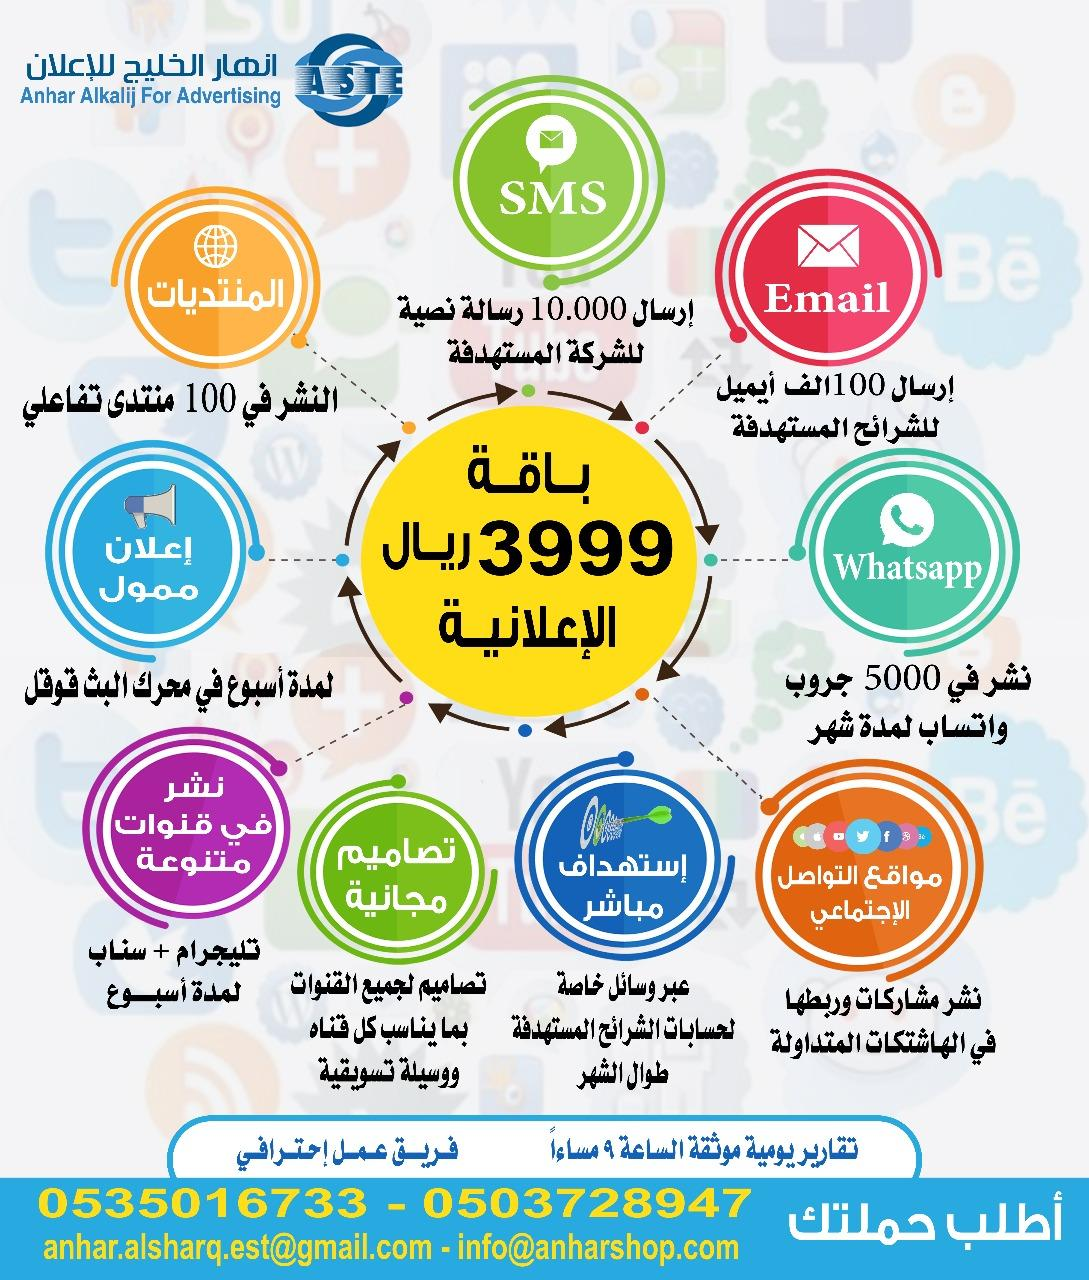 خدمات الاعلان والترويج والتسويق من انهار الخليج 0535016733